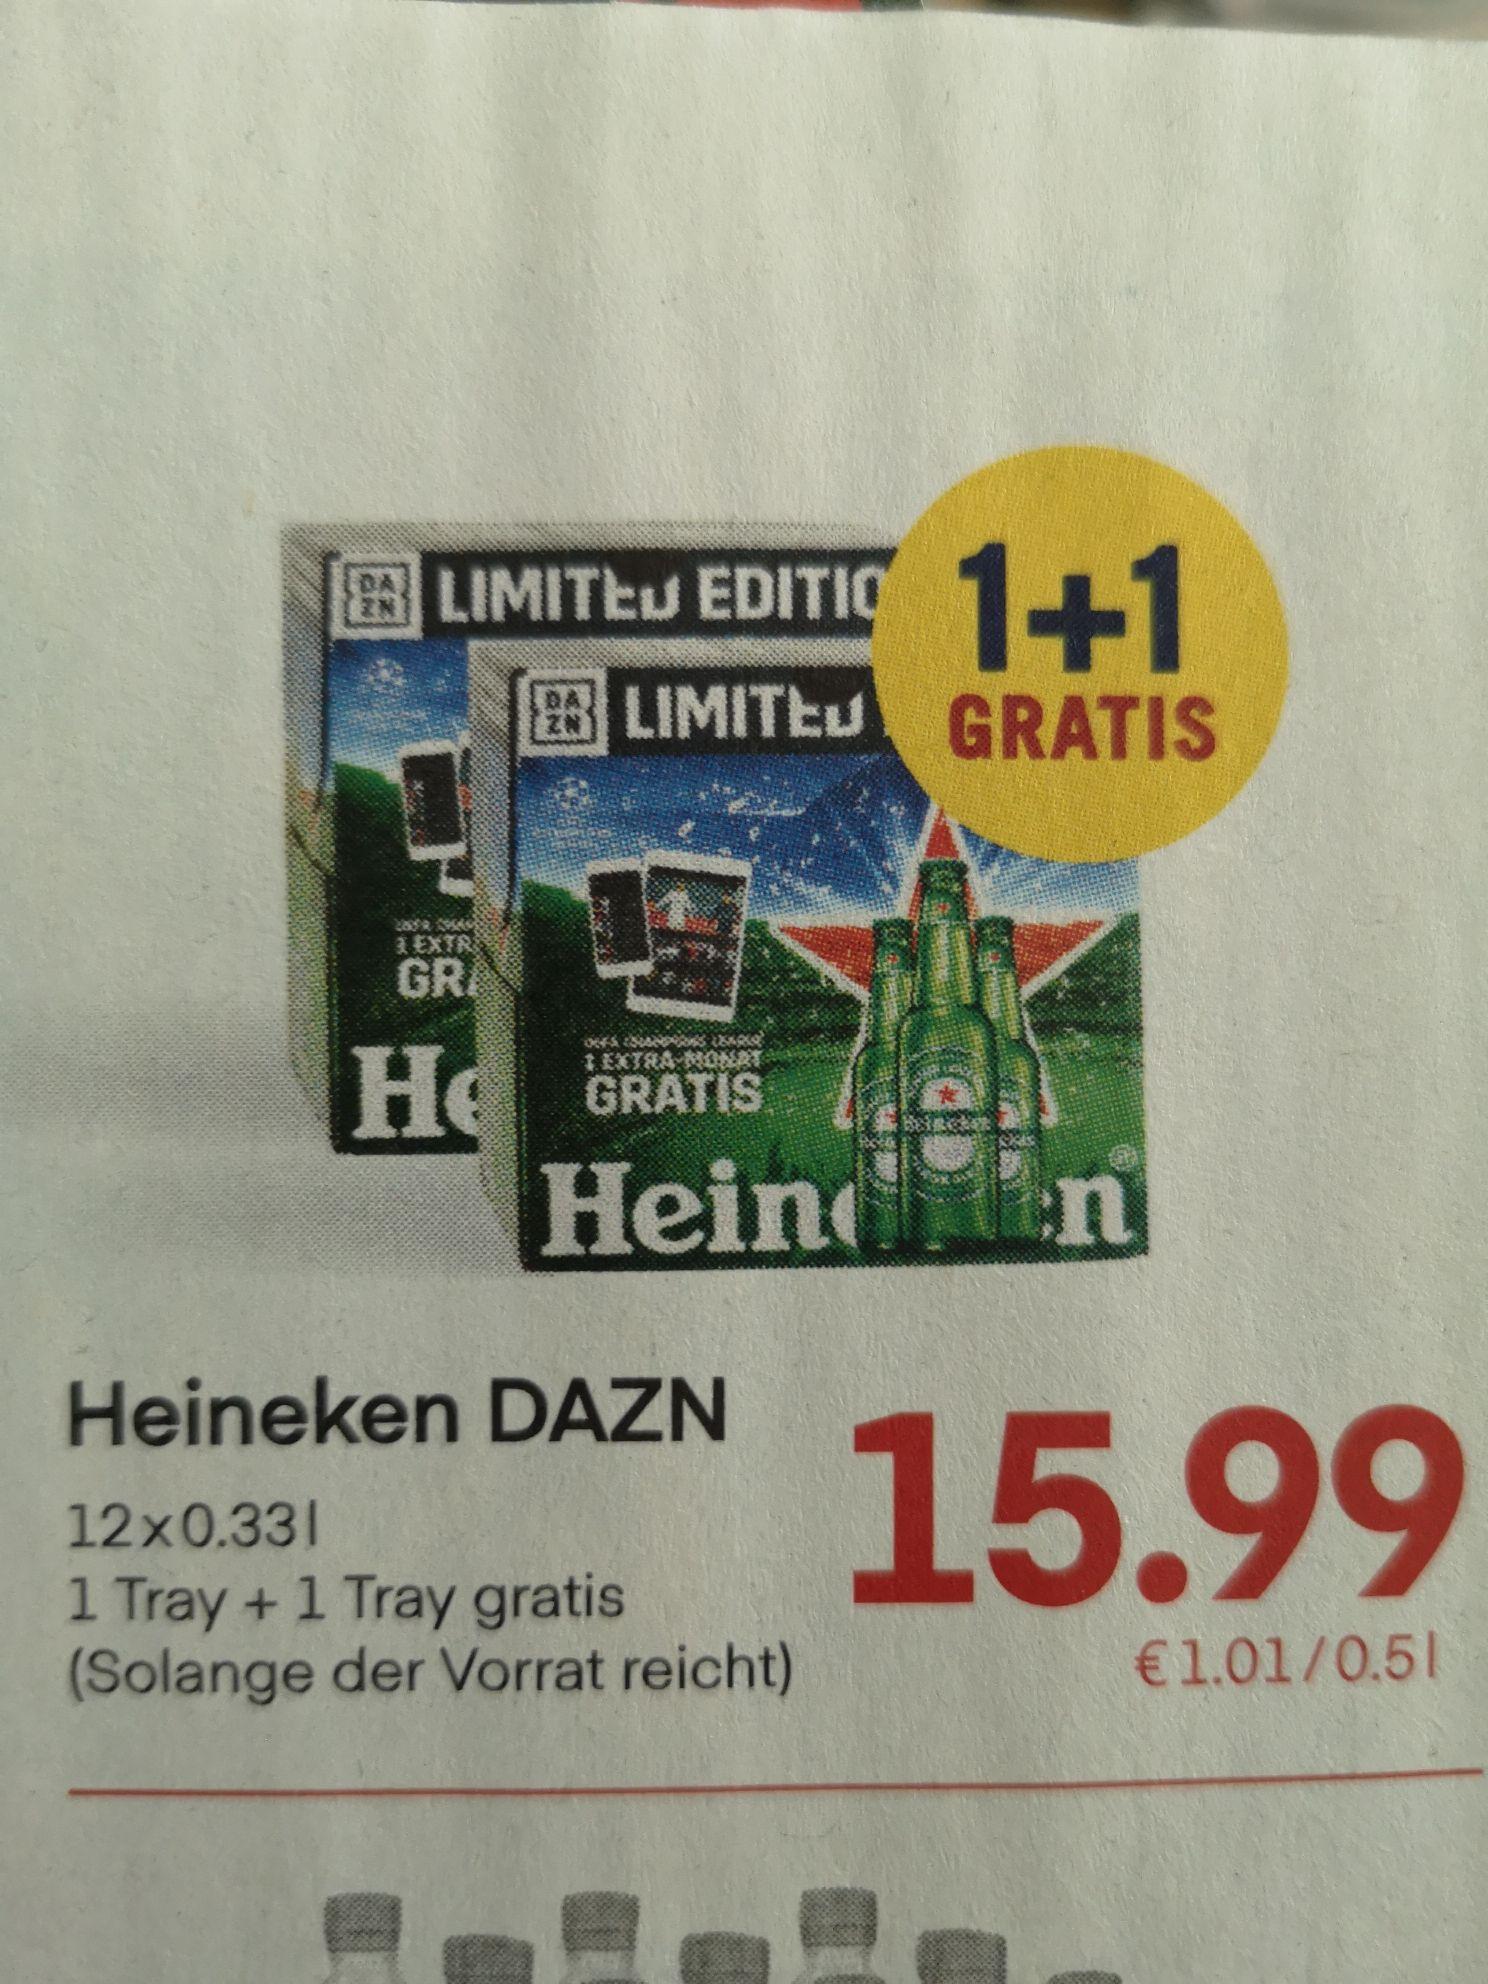 Heineken 1+1 und 2 Monate gratis Dazn